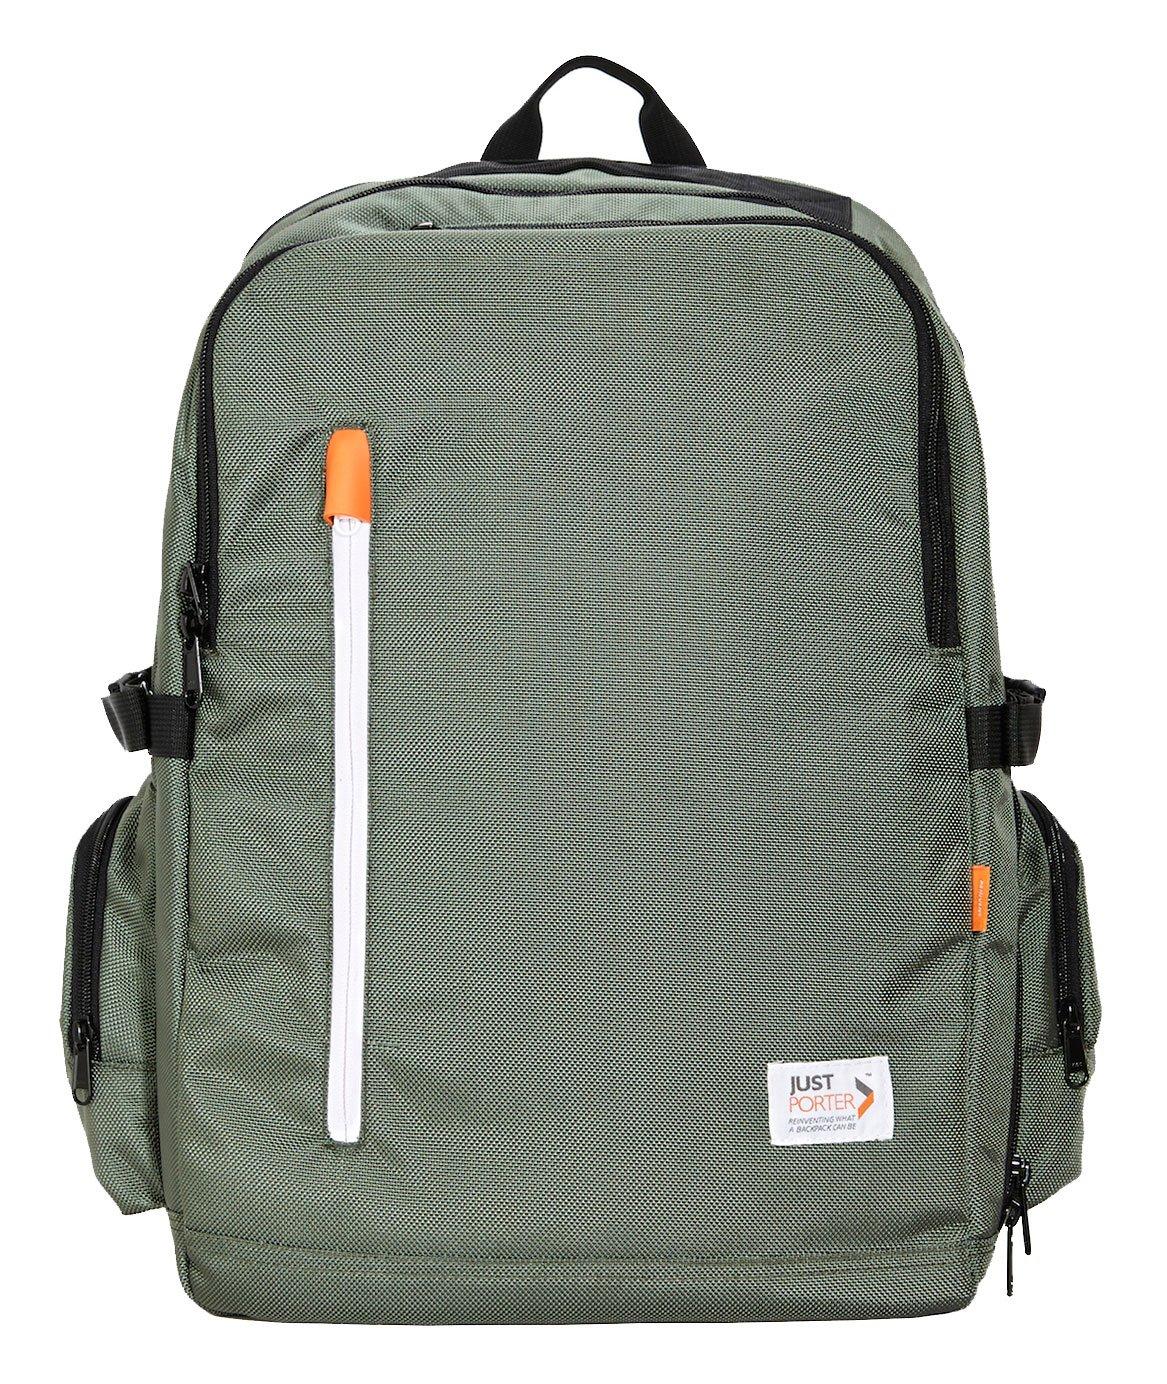 Just Porter Hazen Professional Backpack - Sage Green | 16'' Laptop